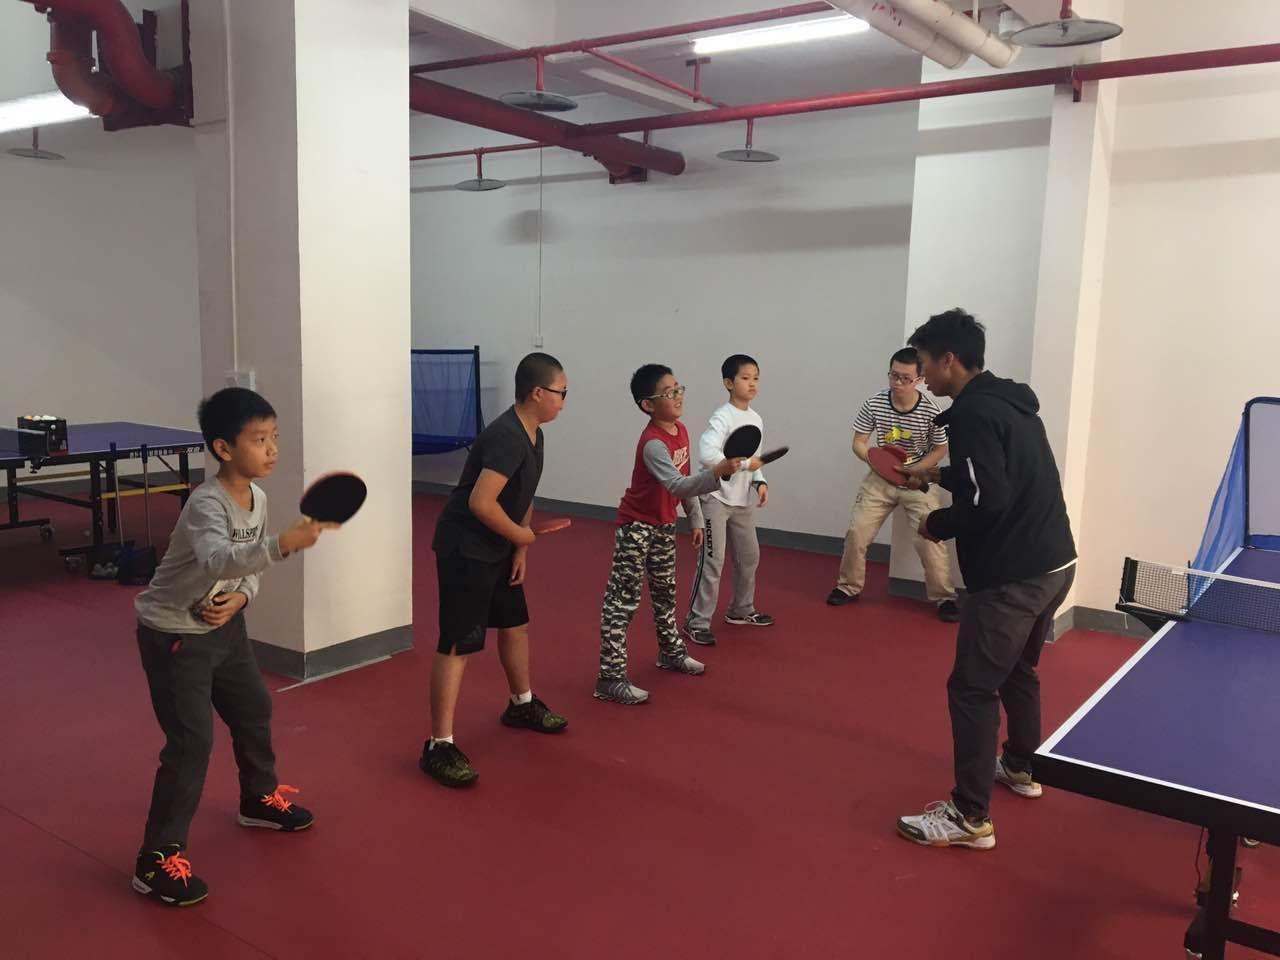 乒乓球训练